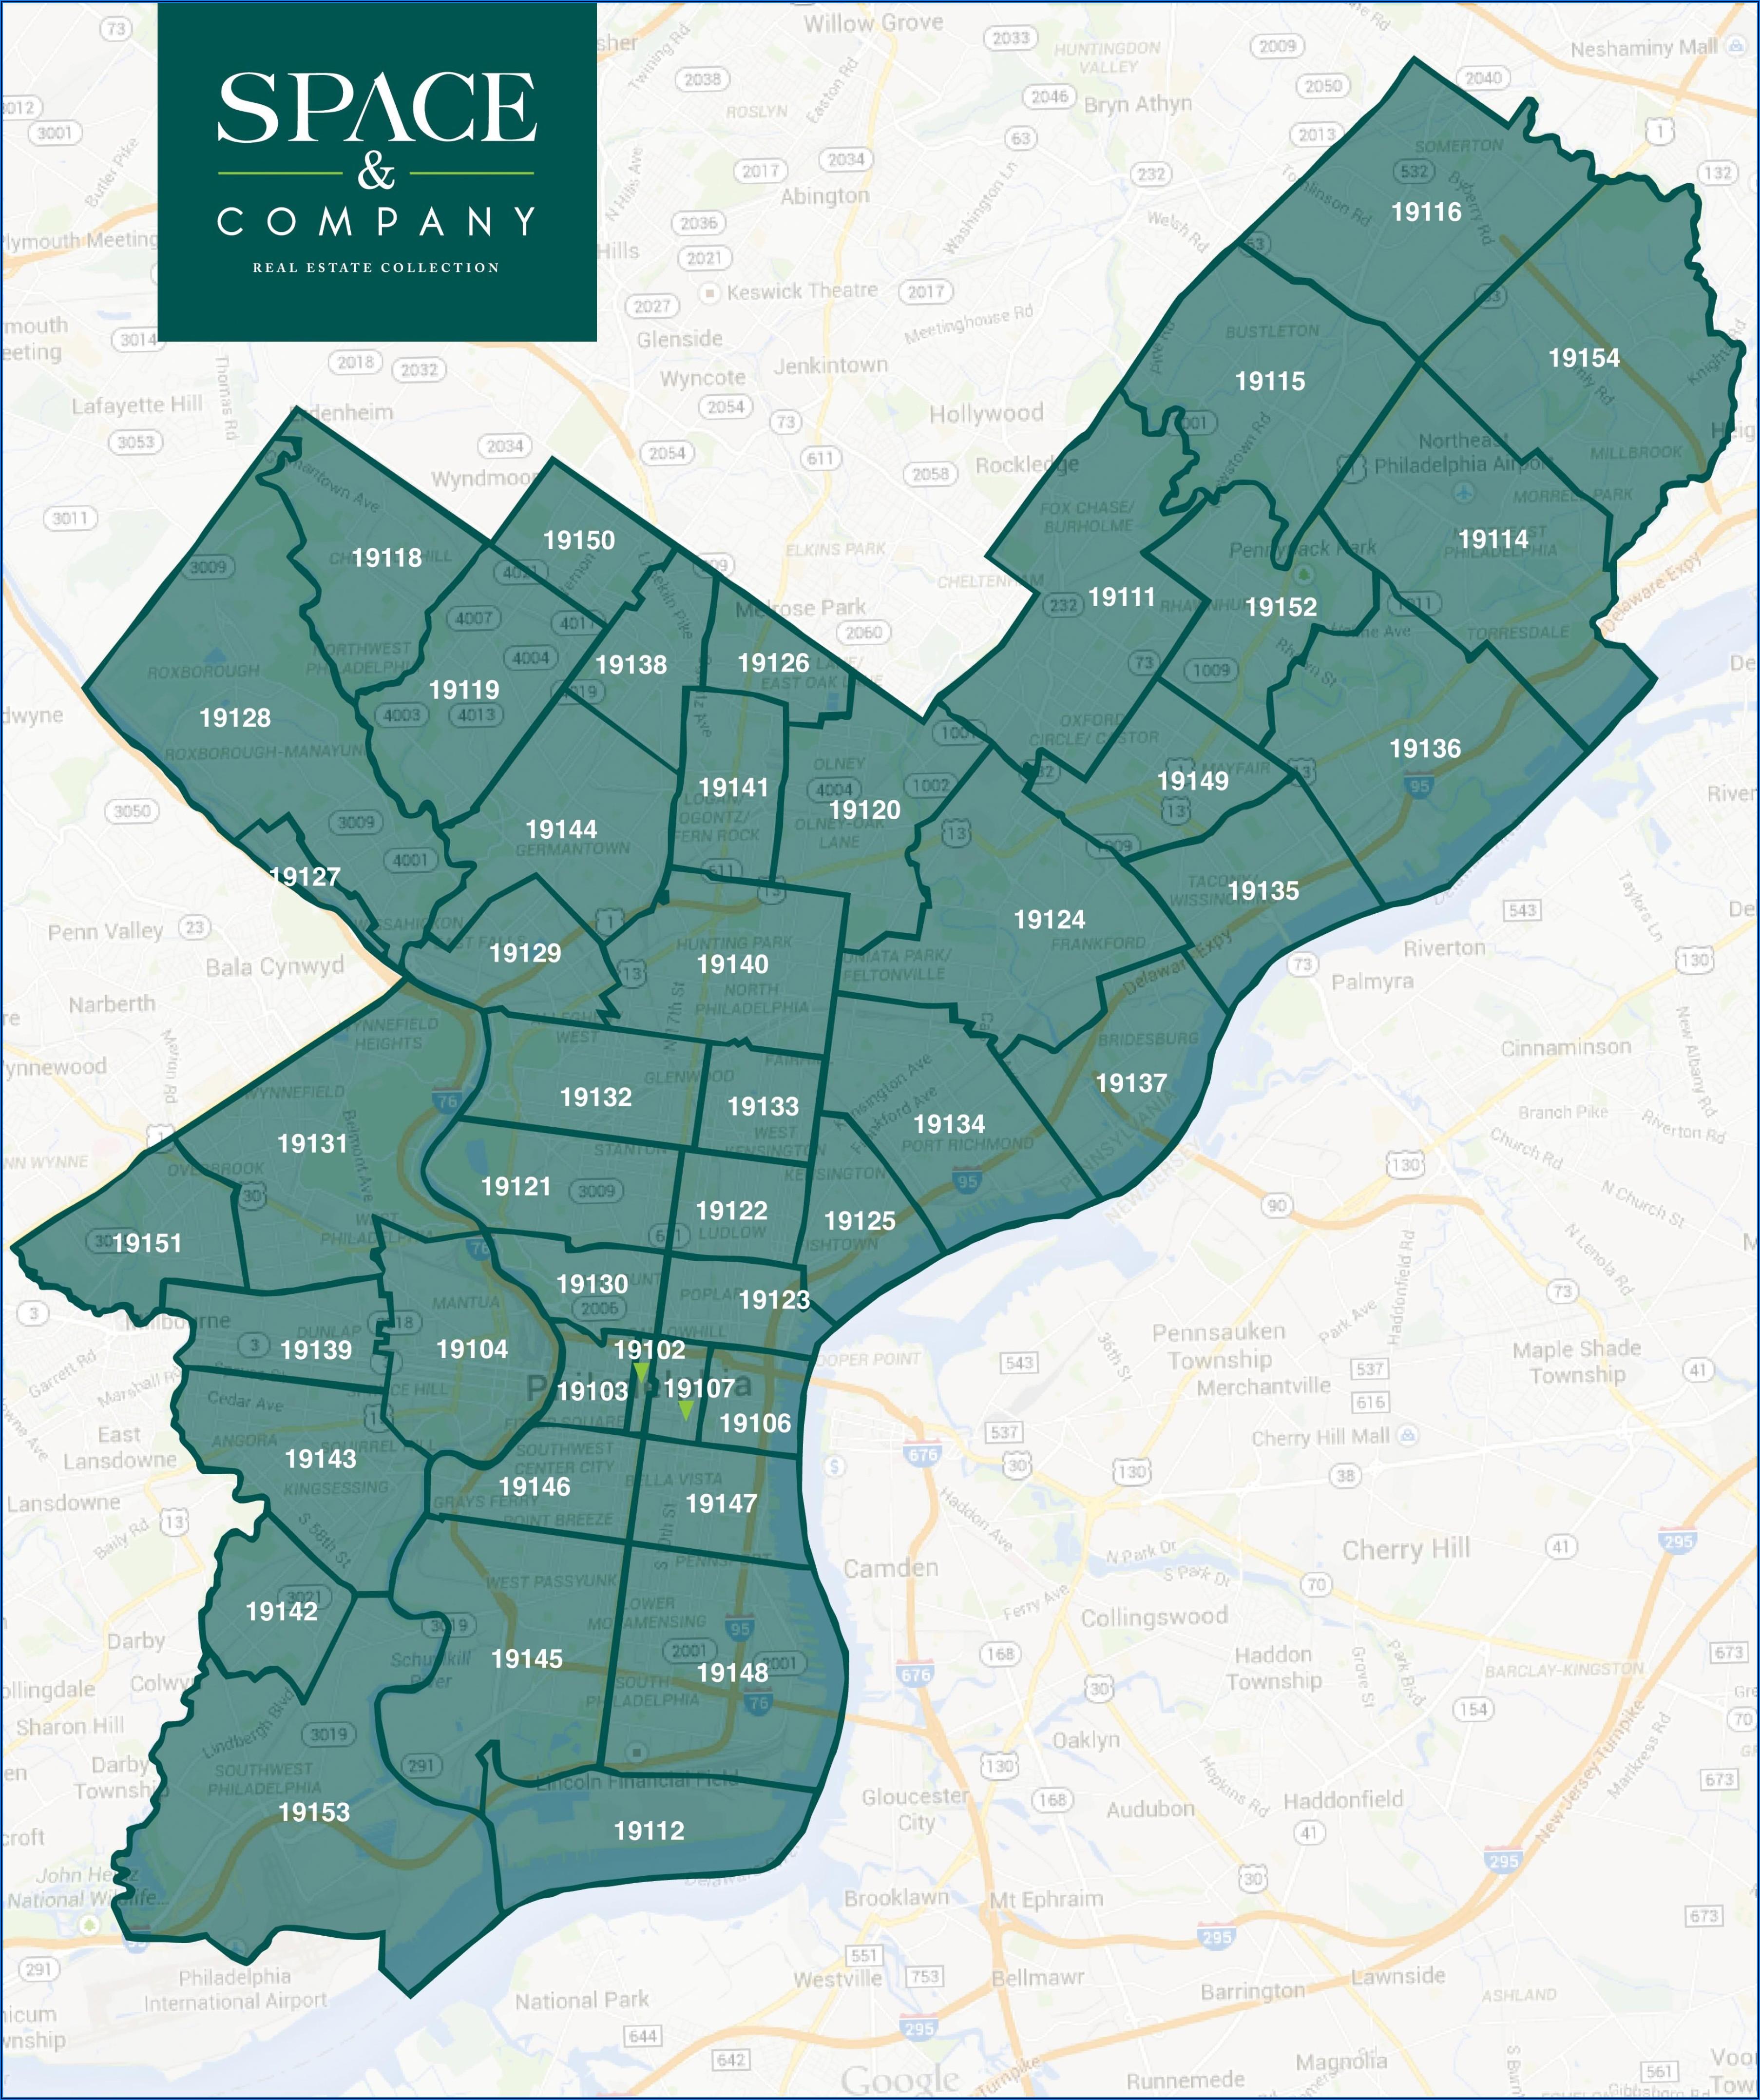 Printable Map Of Philadelphia With Zip Codes